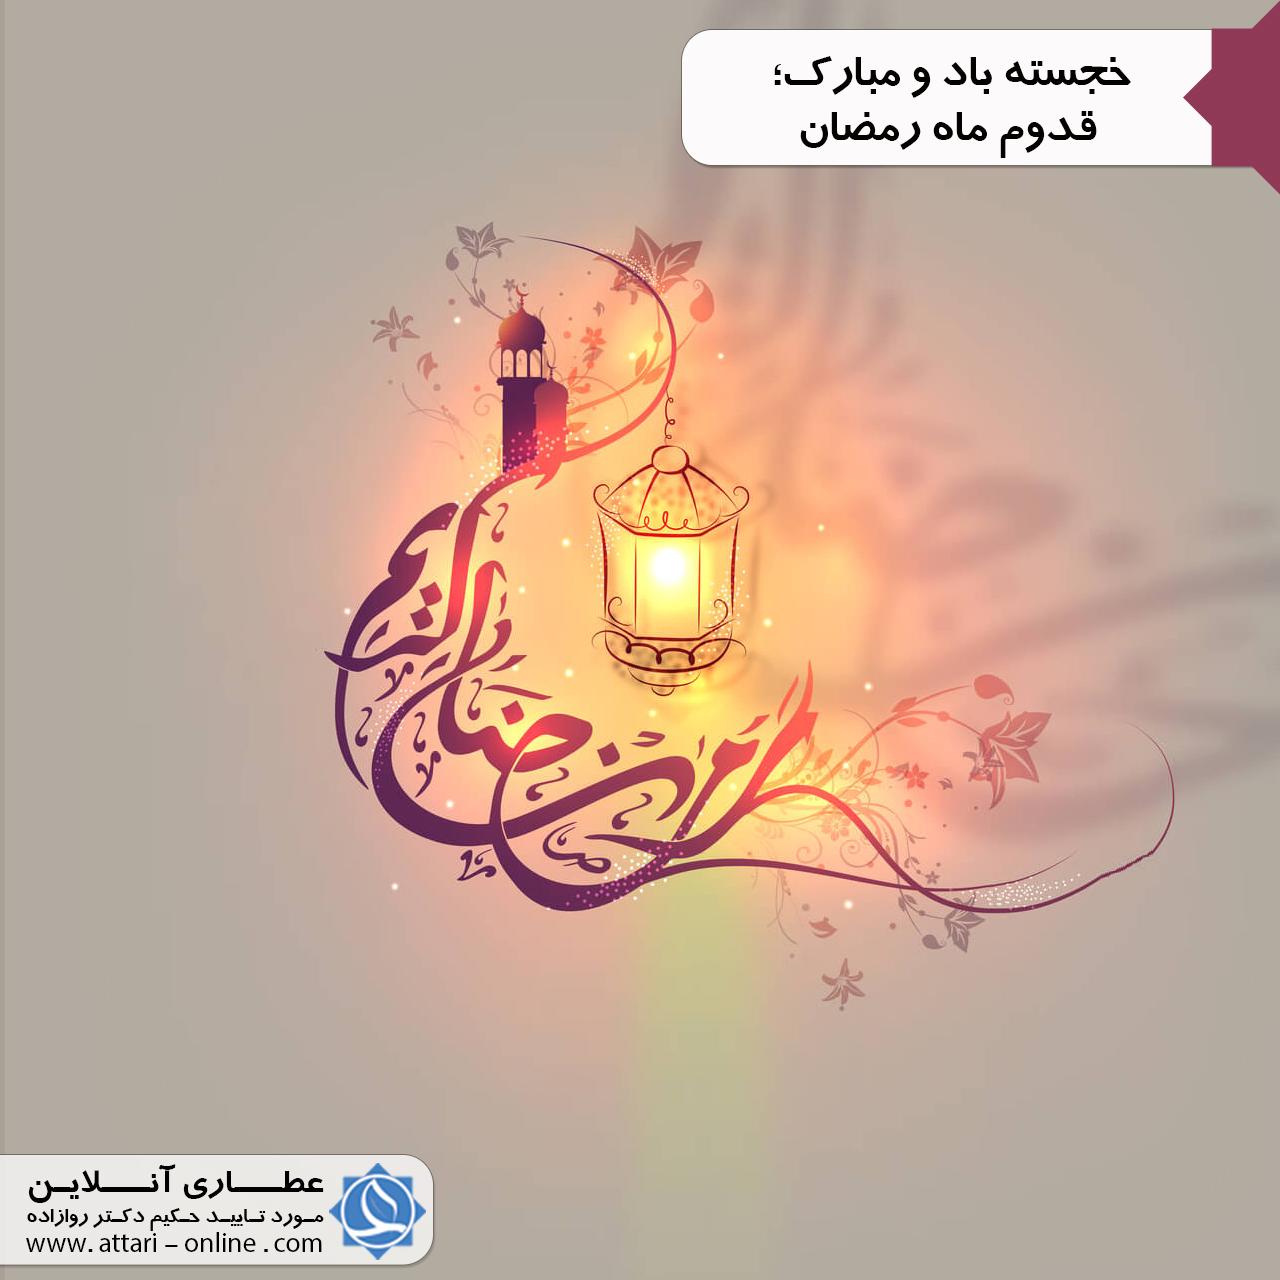 ramadan 2 خجسته باد و مبارک؛ قدوم ماه رمضان